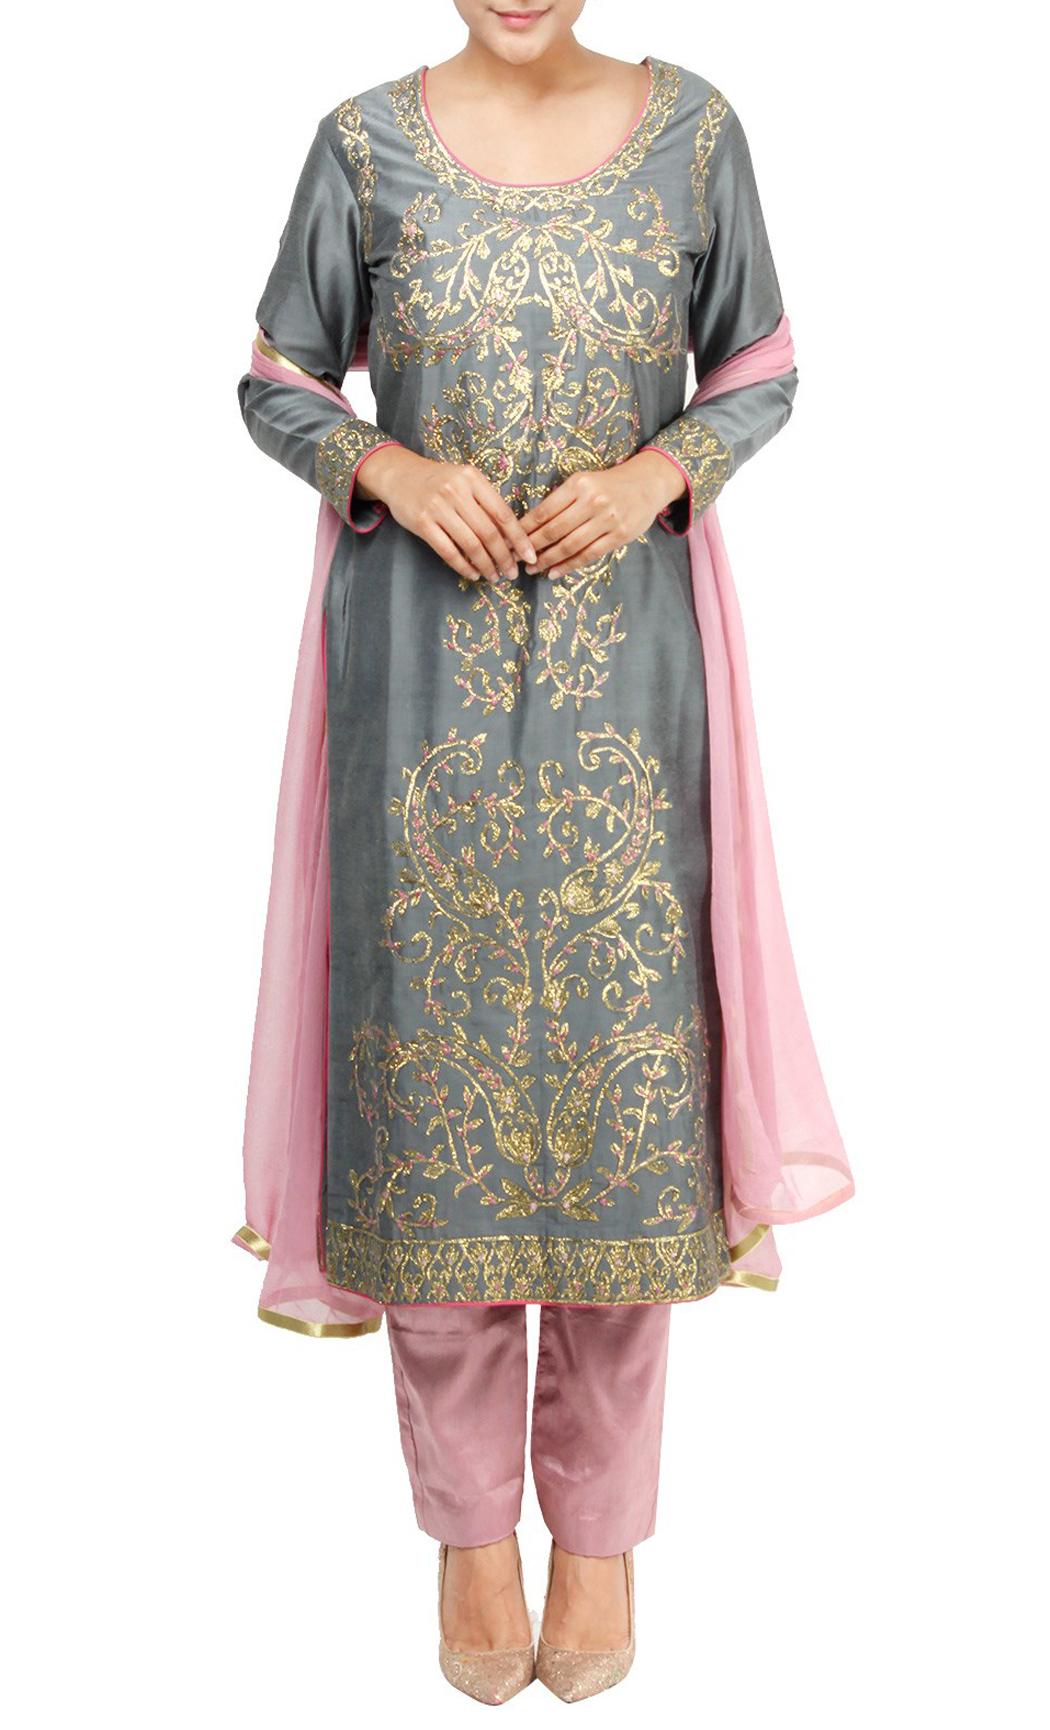 Grey Silk Embroidered Salwar Kameez Set - Buy Online